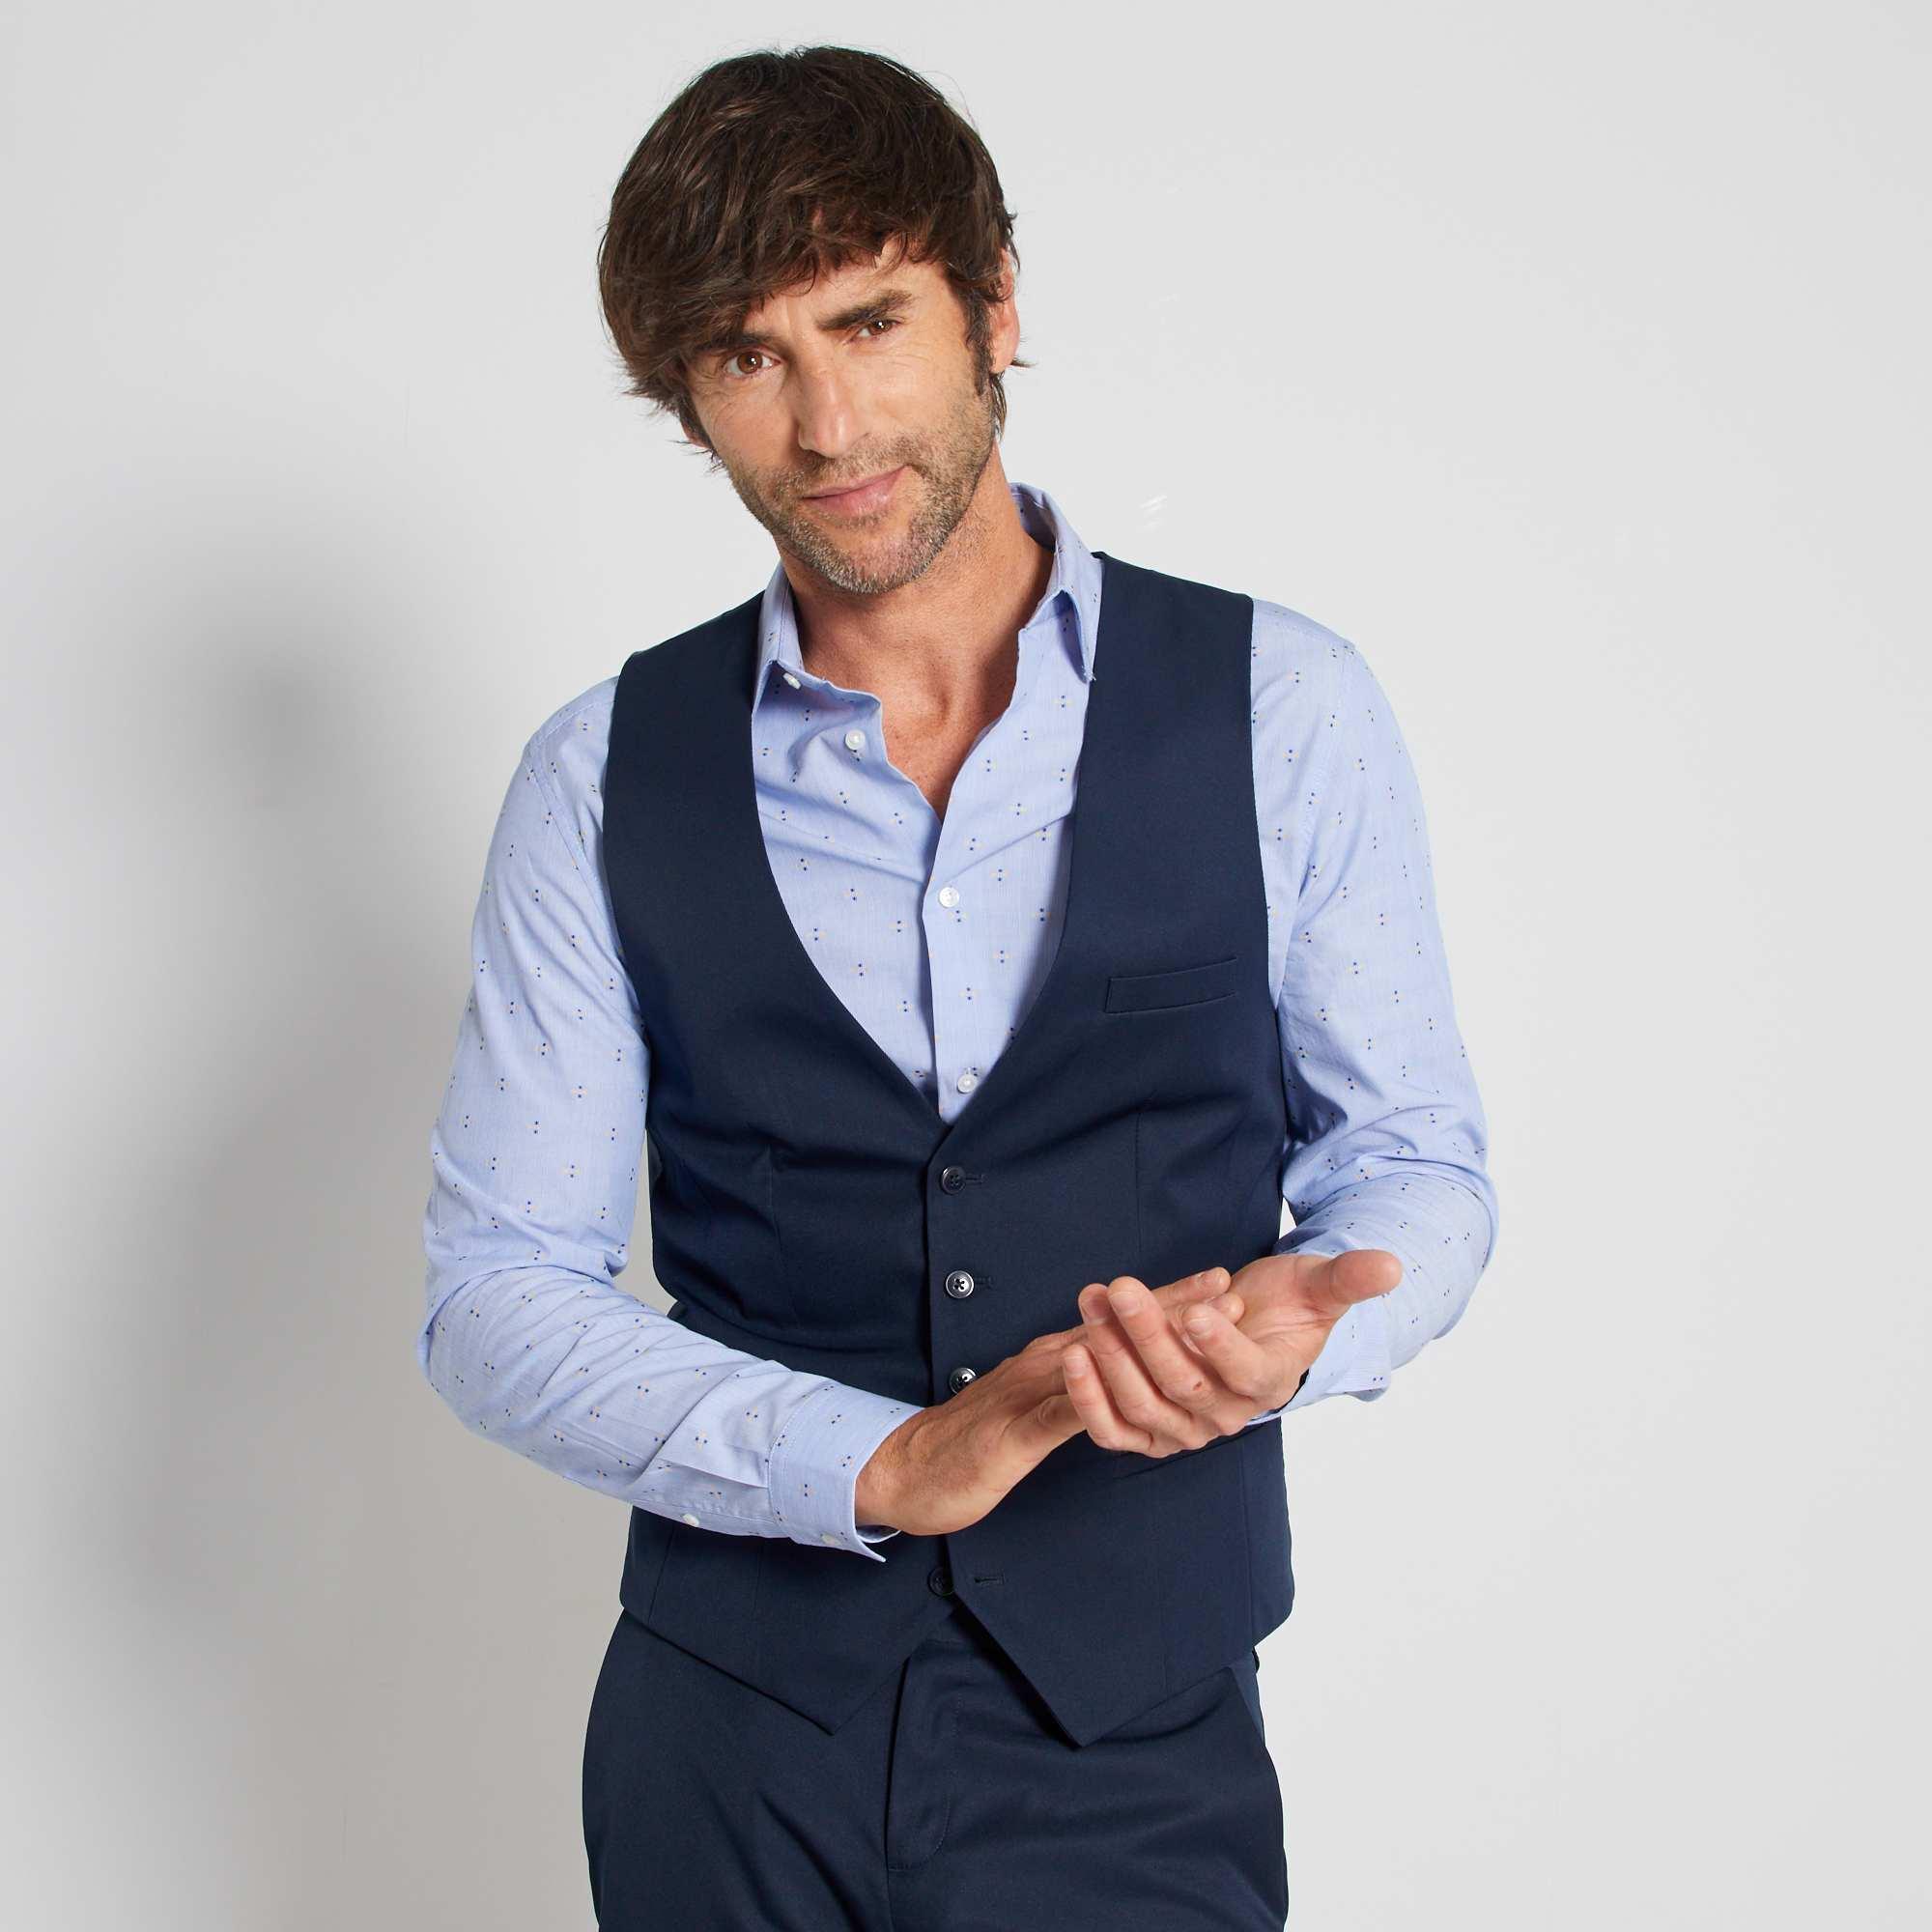 Couleur : noir, bleu marine, ,, - Taille : S, L, XL,M,Le petit gilet esprit 'garçon de café' pour accompagner un costume ou à porter avec un